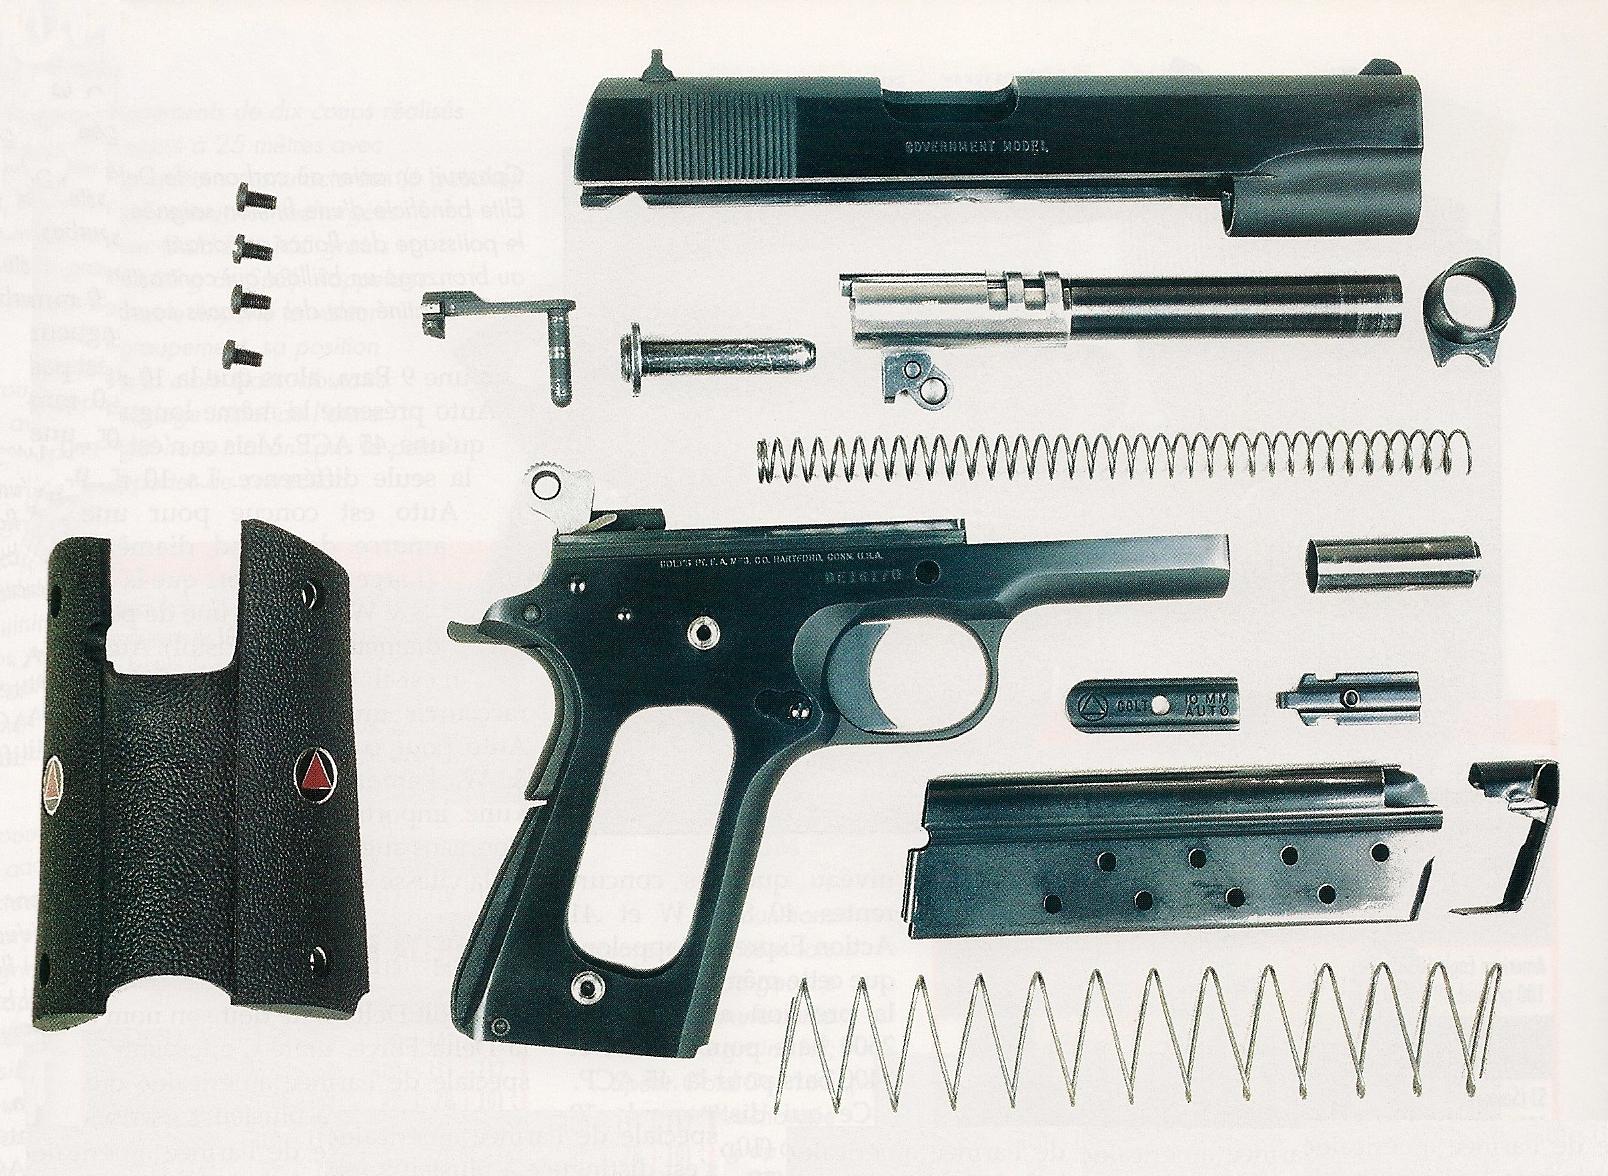 Le démontage sommaire de l'arme s'effectue de façon classique et ne nécessite aucun outil. Inclure celui du chargeur et des plaquettes permet d'effectuer un nettoyage rigoureux après une longue séance de tir.